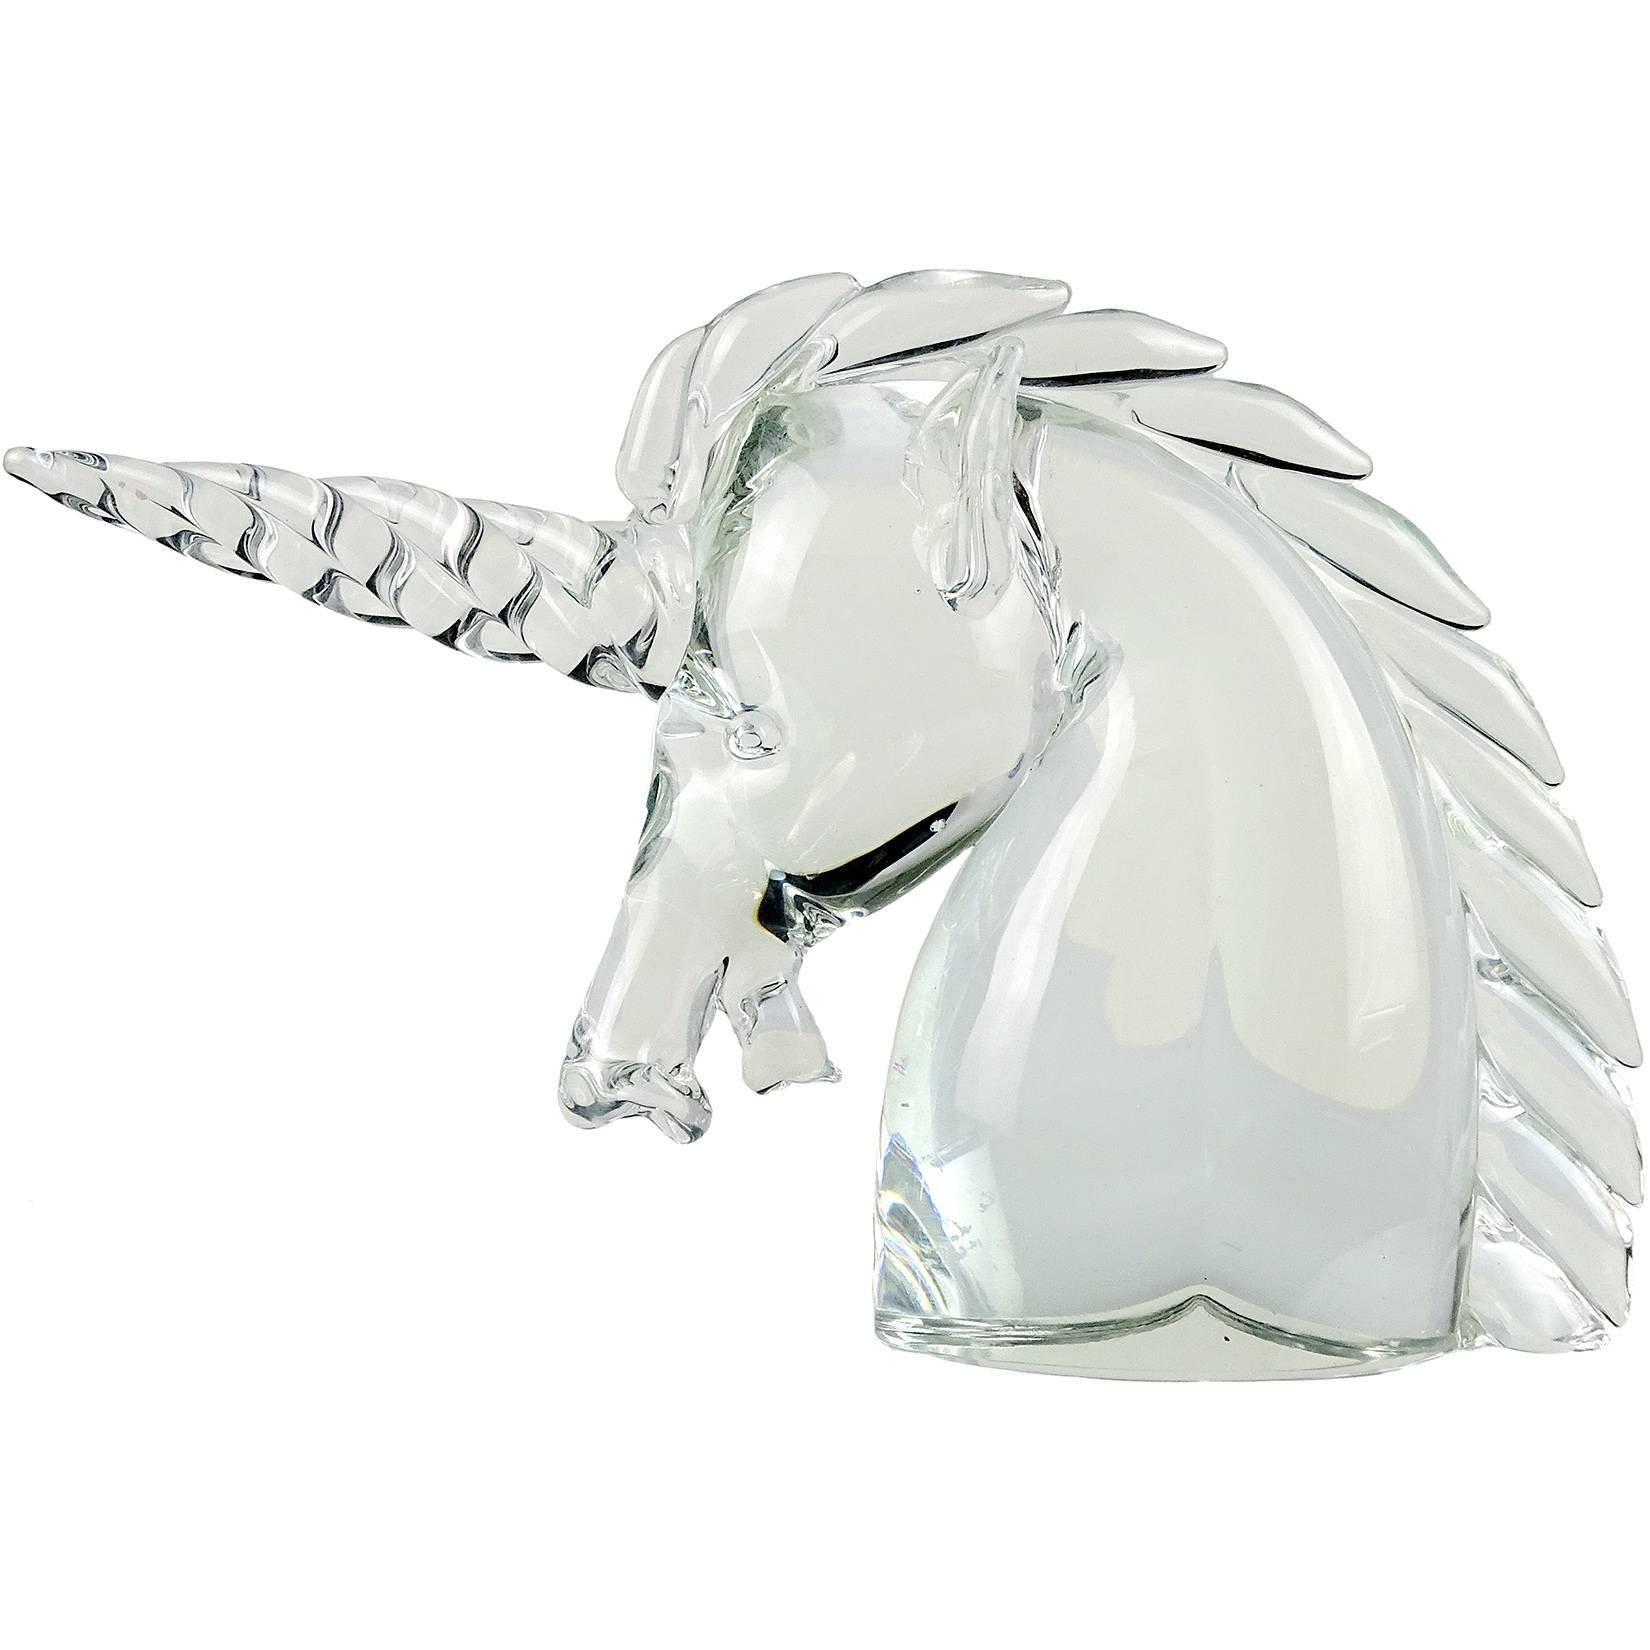 Murano White /& Clear Art-Glass Rabbit Figurine